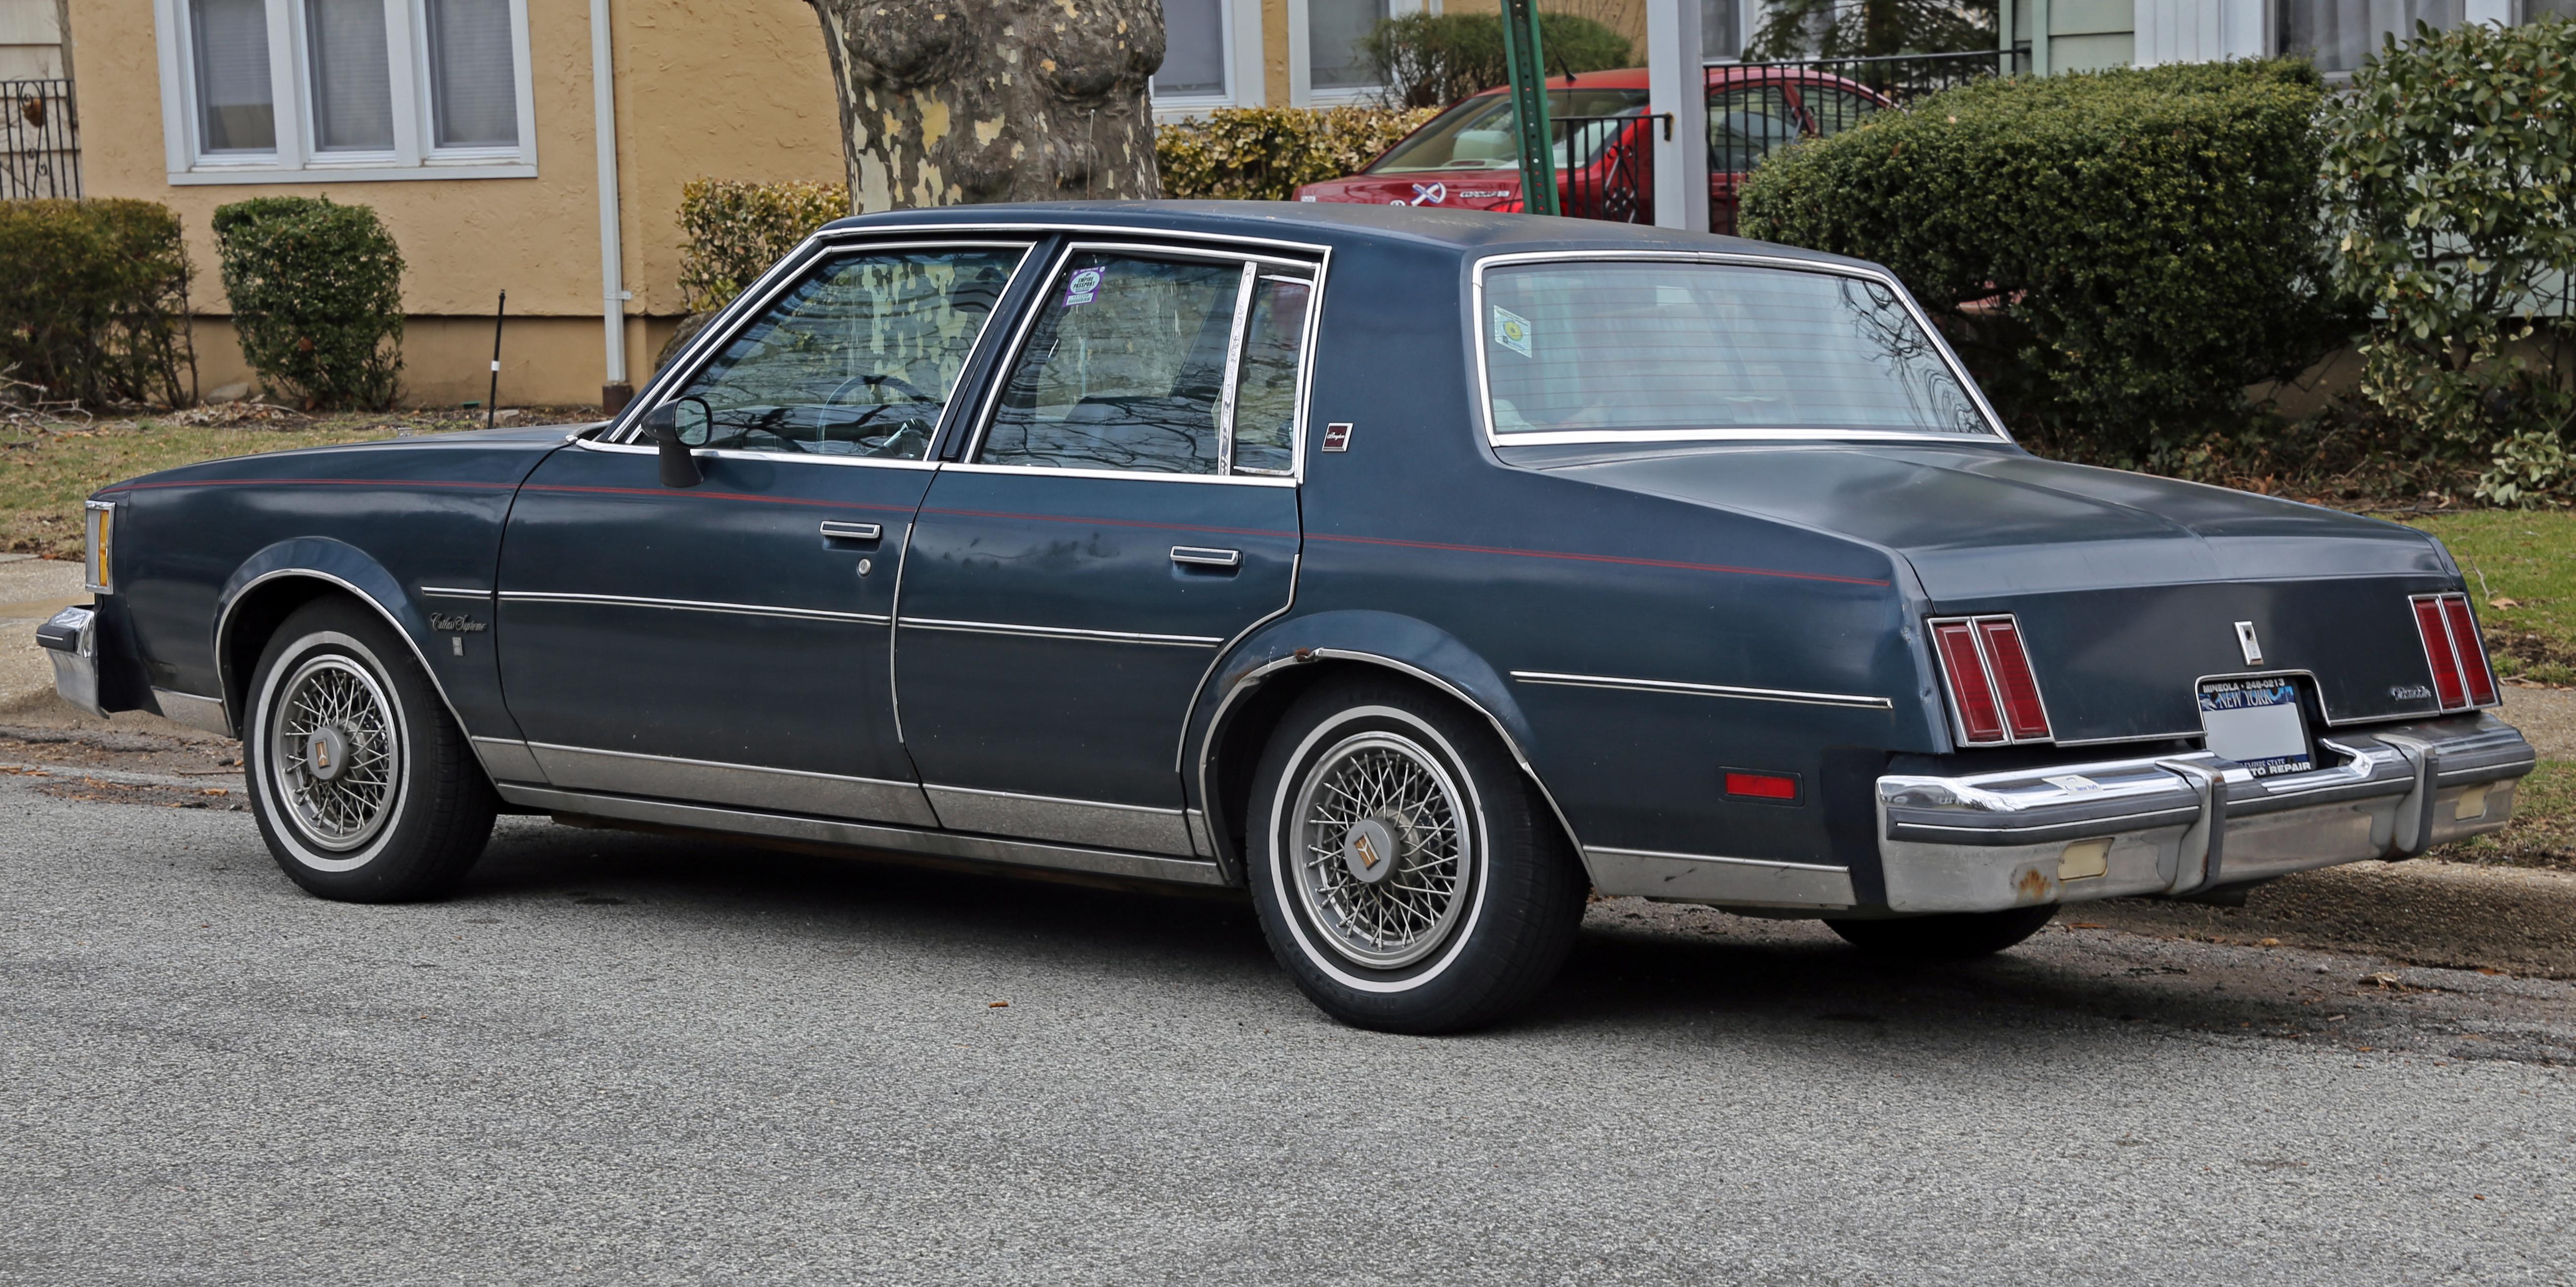 Oldsmobile Cutlass Supreme Brougham Sedan Rear Left